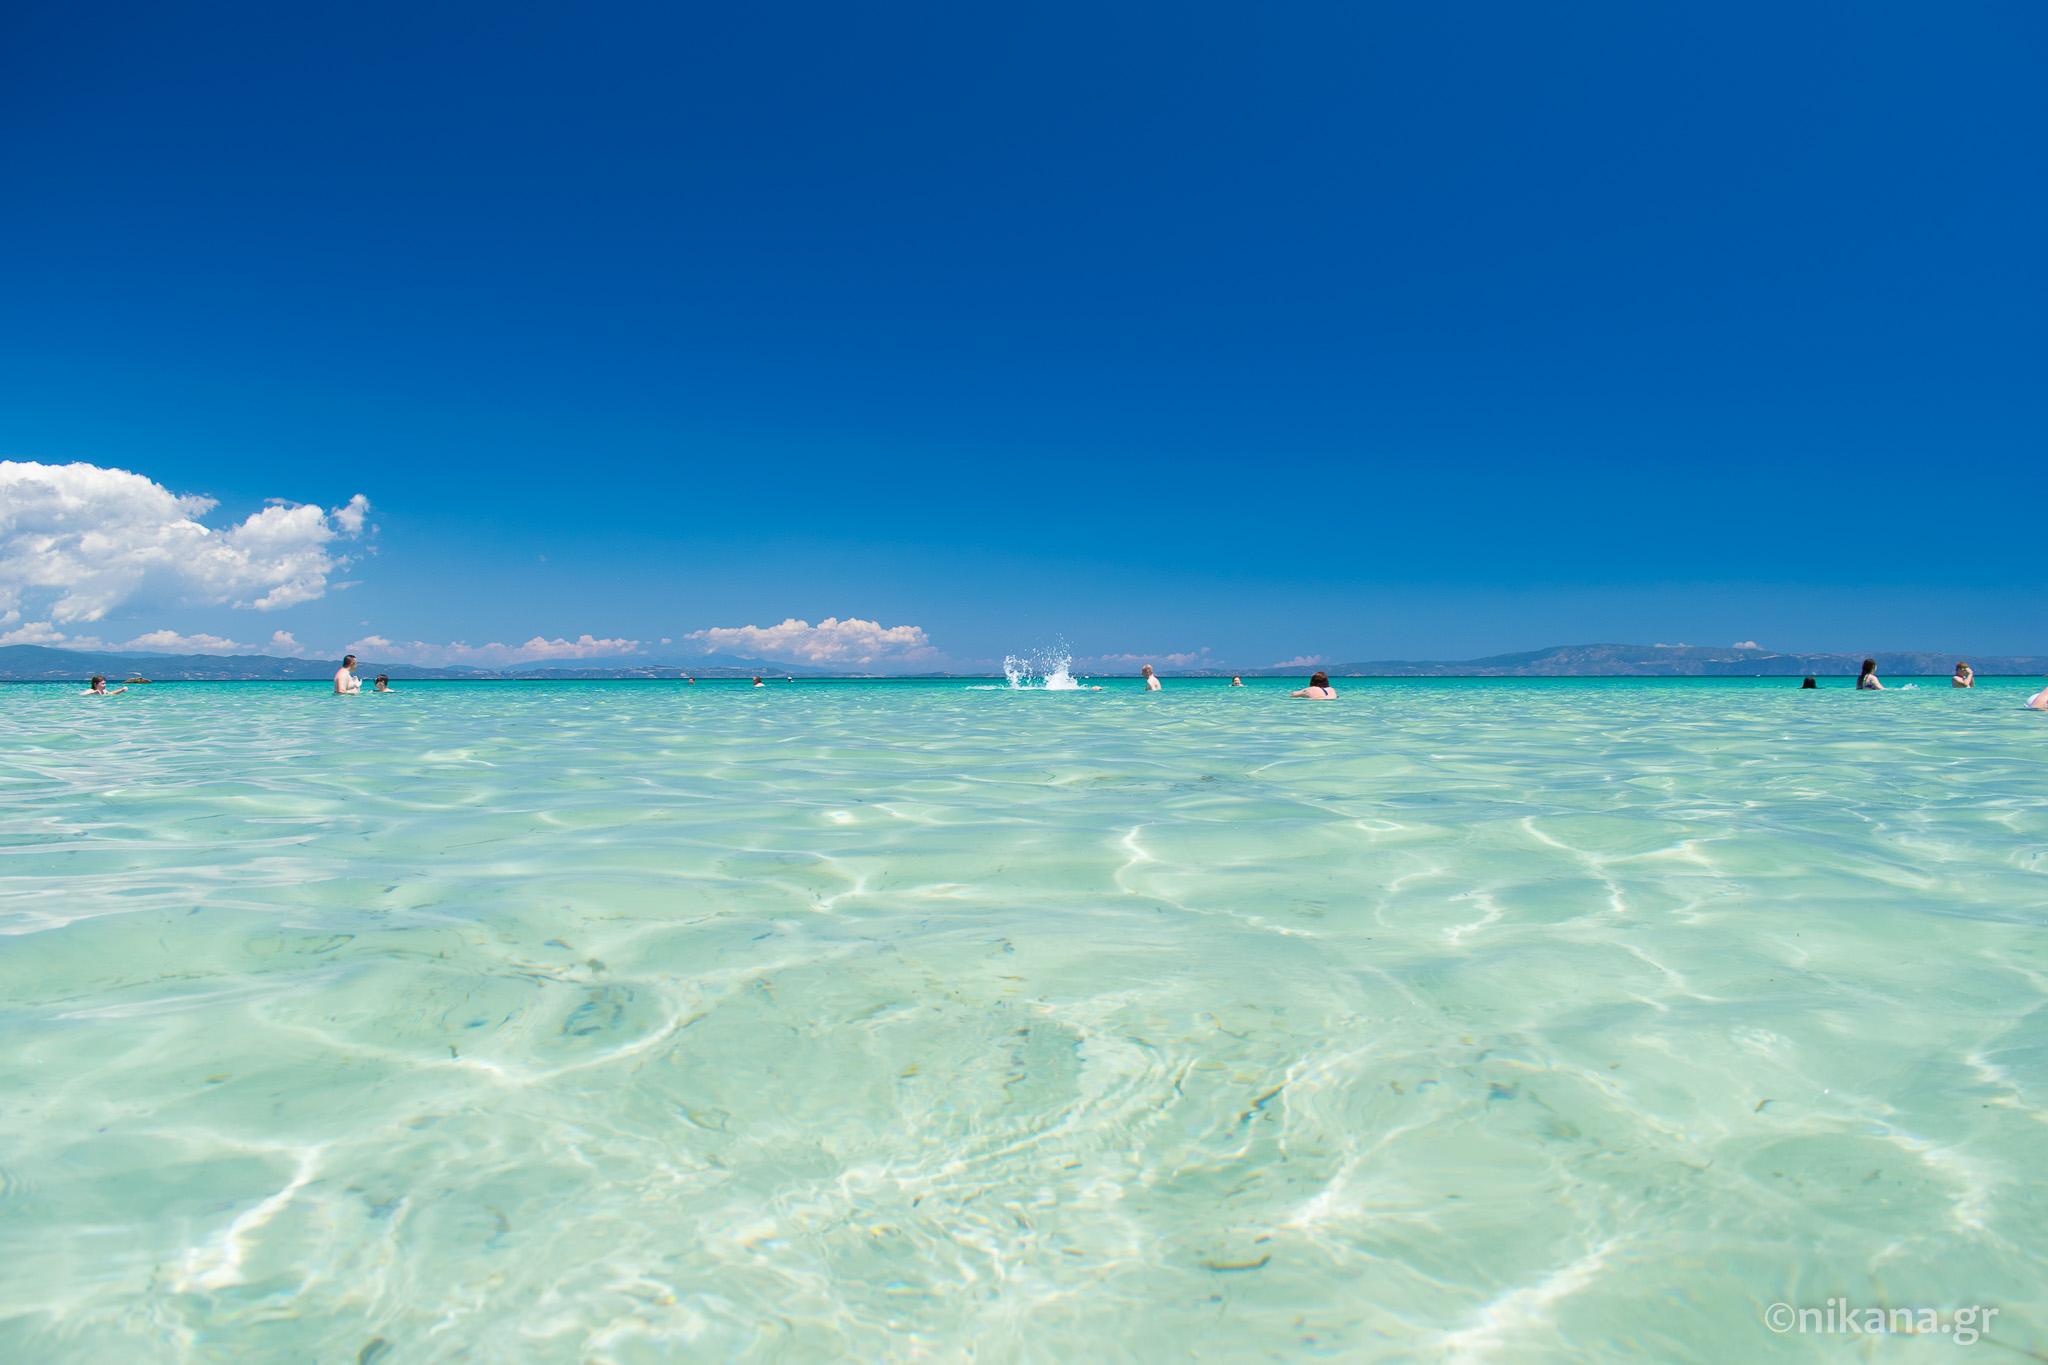 Najlepse Plaze U Okolini Sartija Sitonija Vodic Nikana Gr